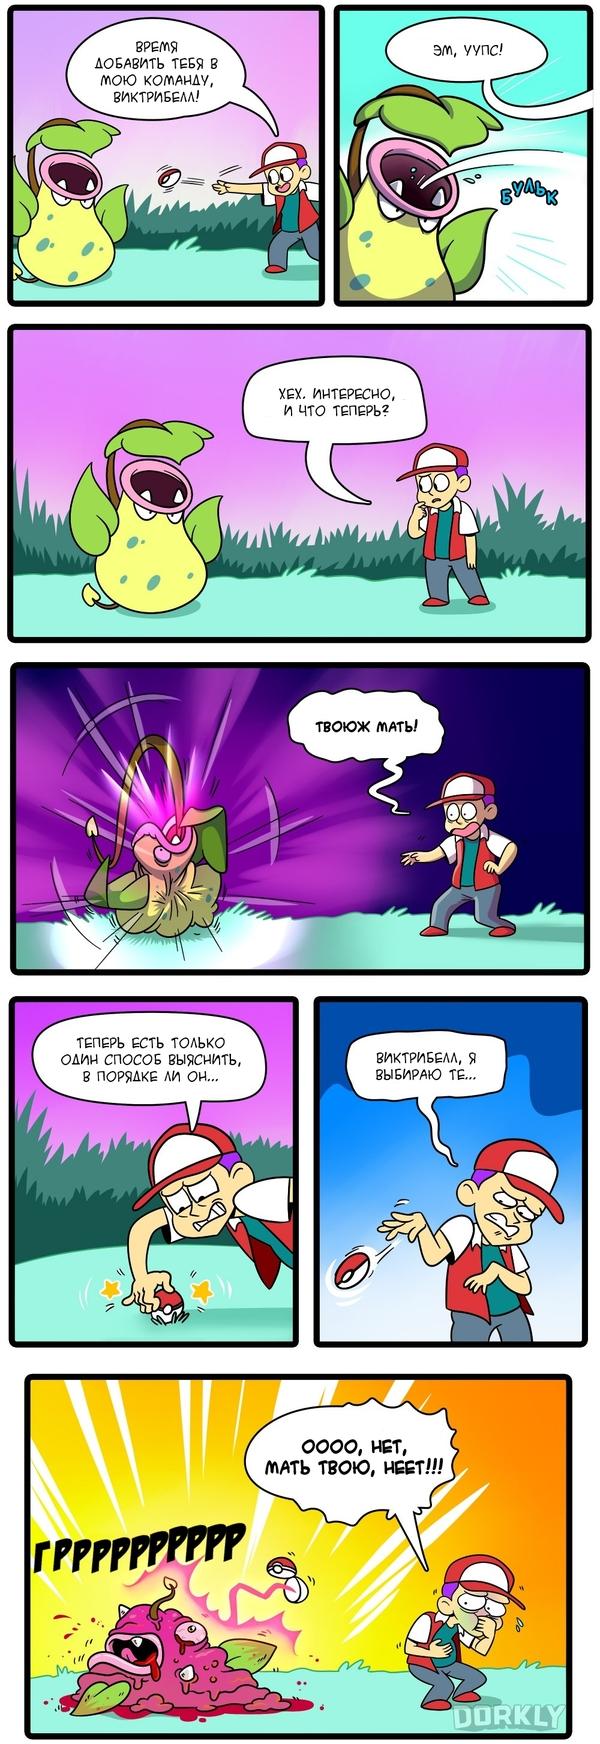 Почему важно целиться, когда бросаешь покебол dorkly, Игра Pokemon, покемоны, Комиксы, длиннопост